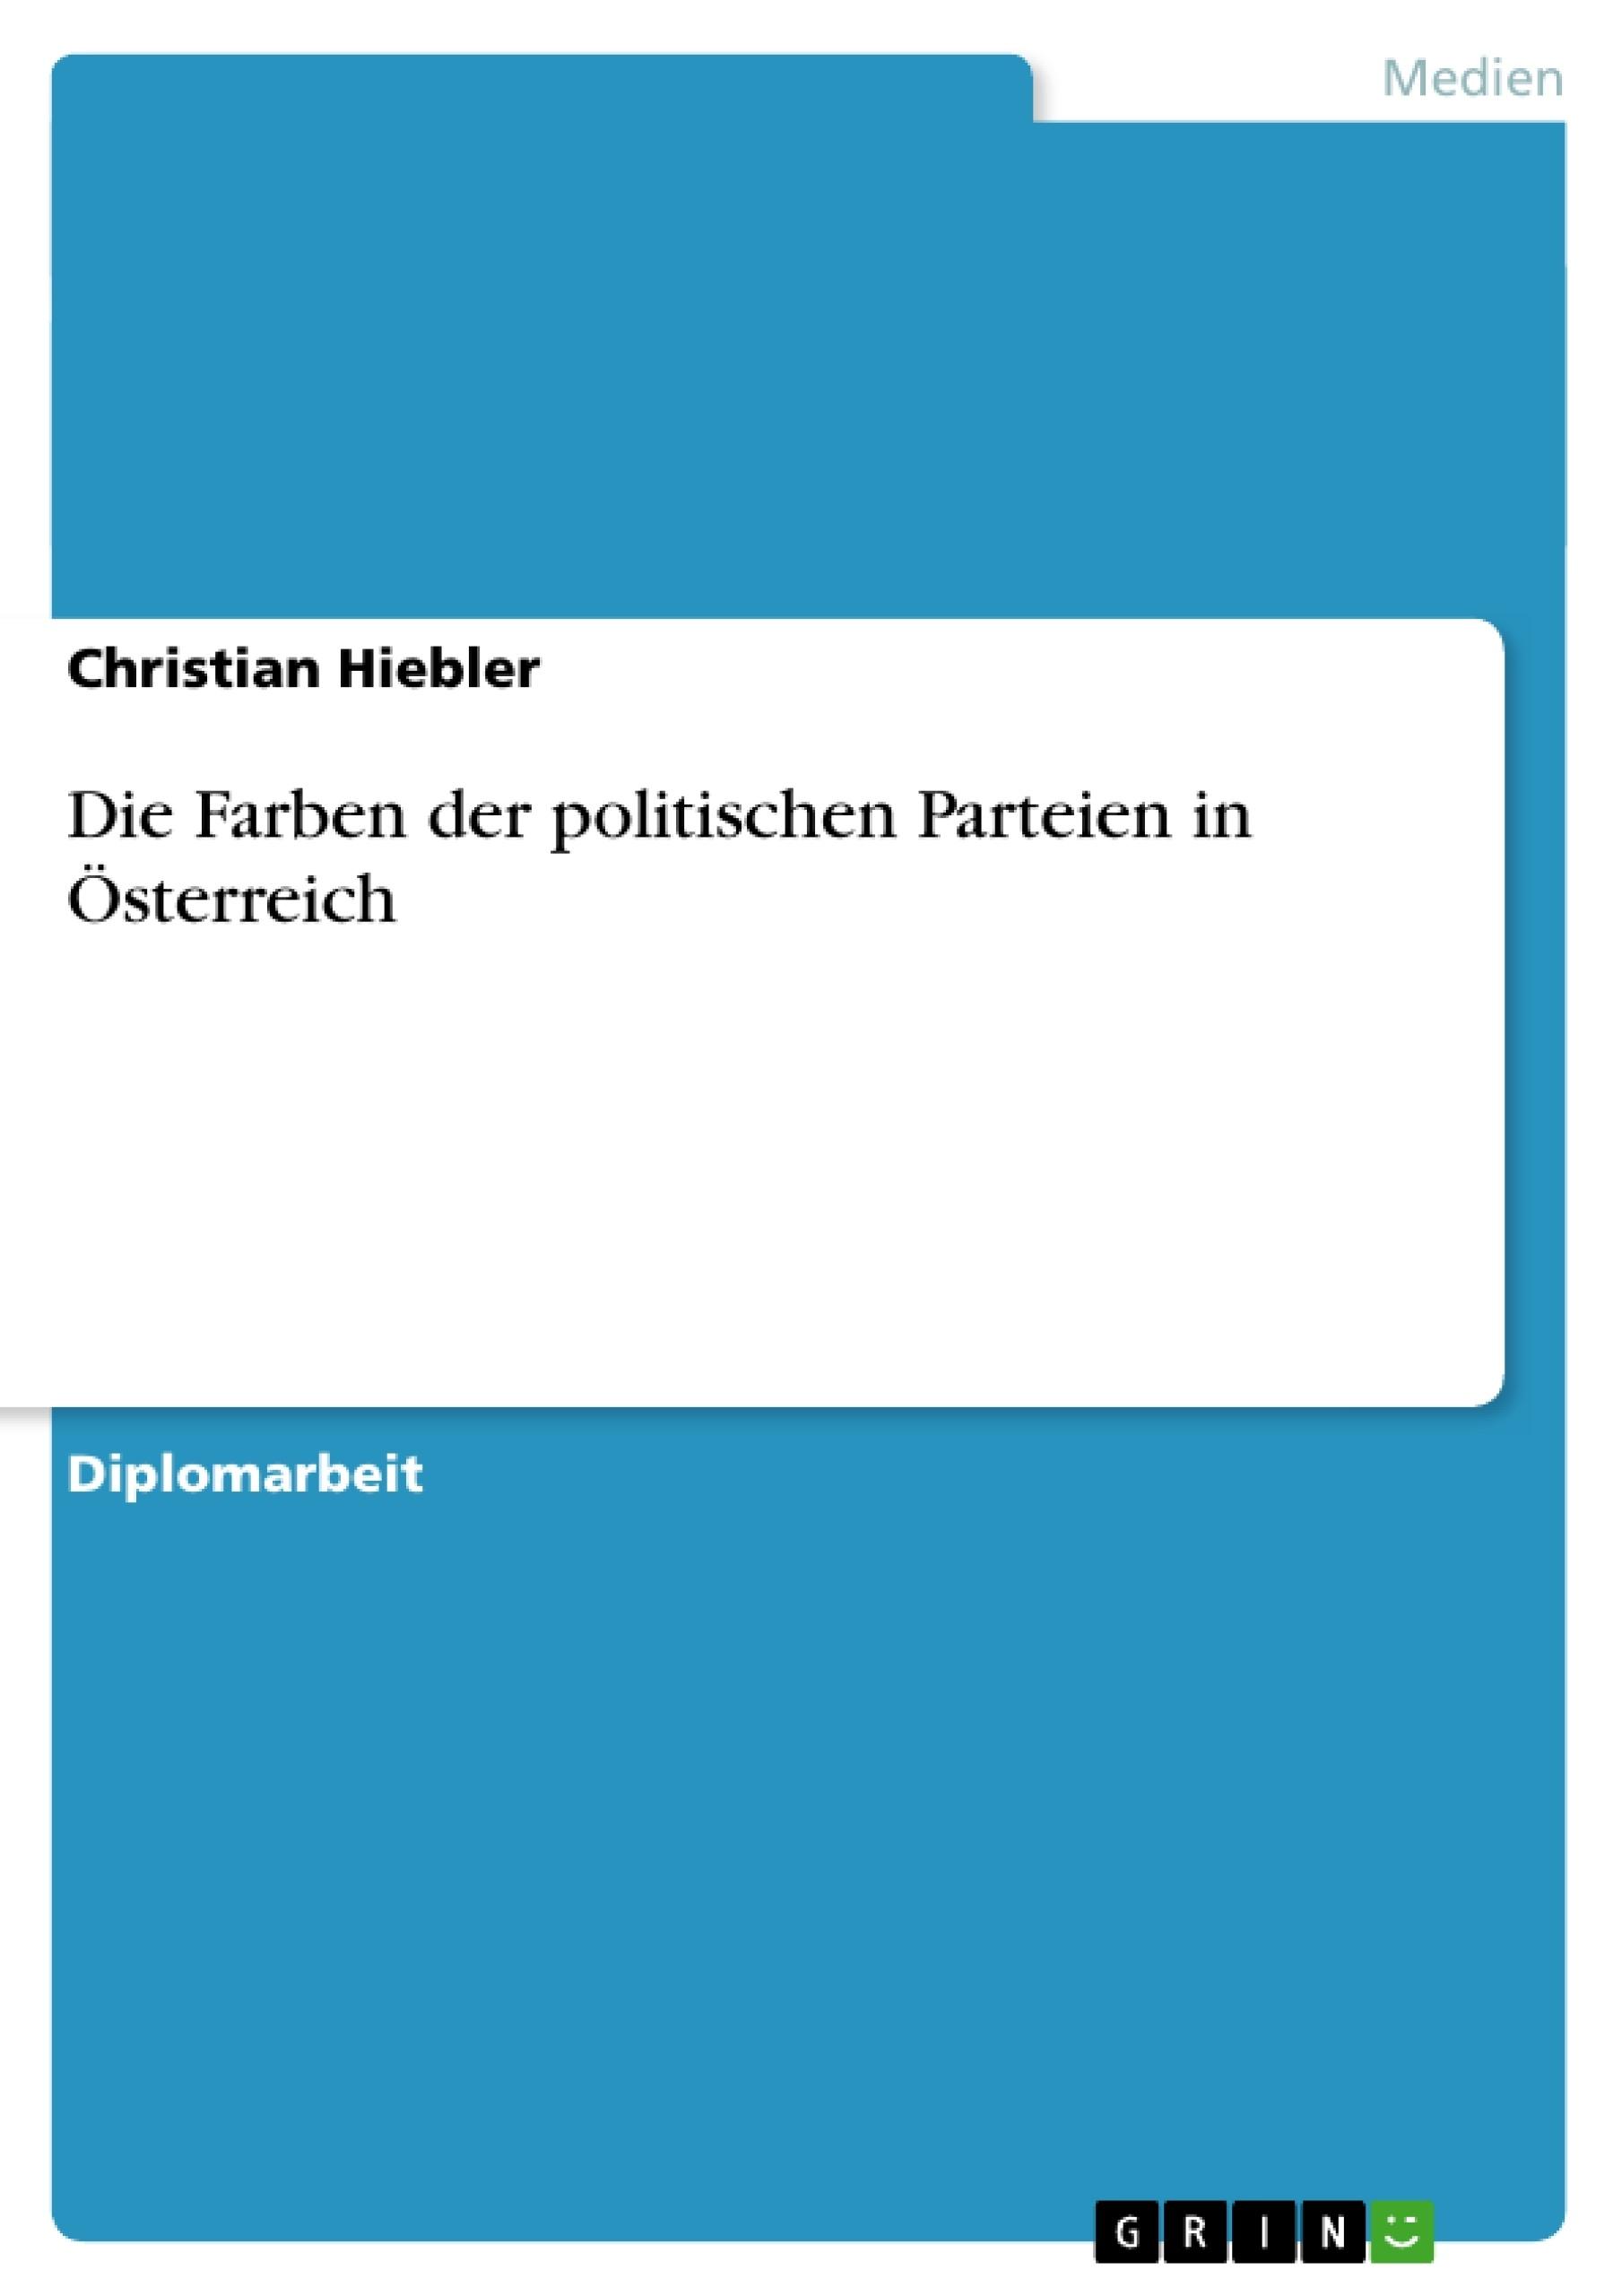 Titel: Die Farben der politischen Parteien in Österreich